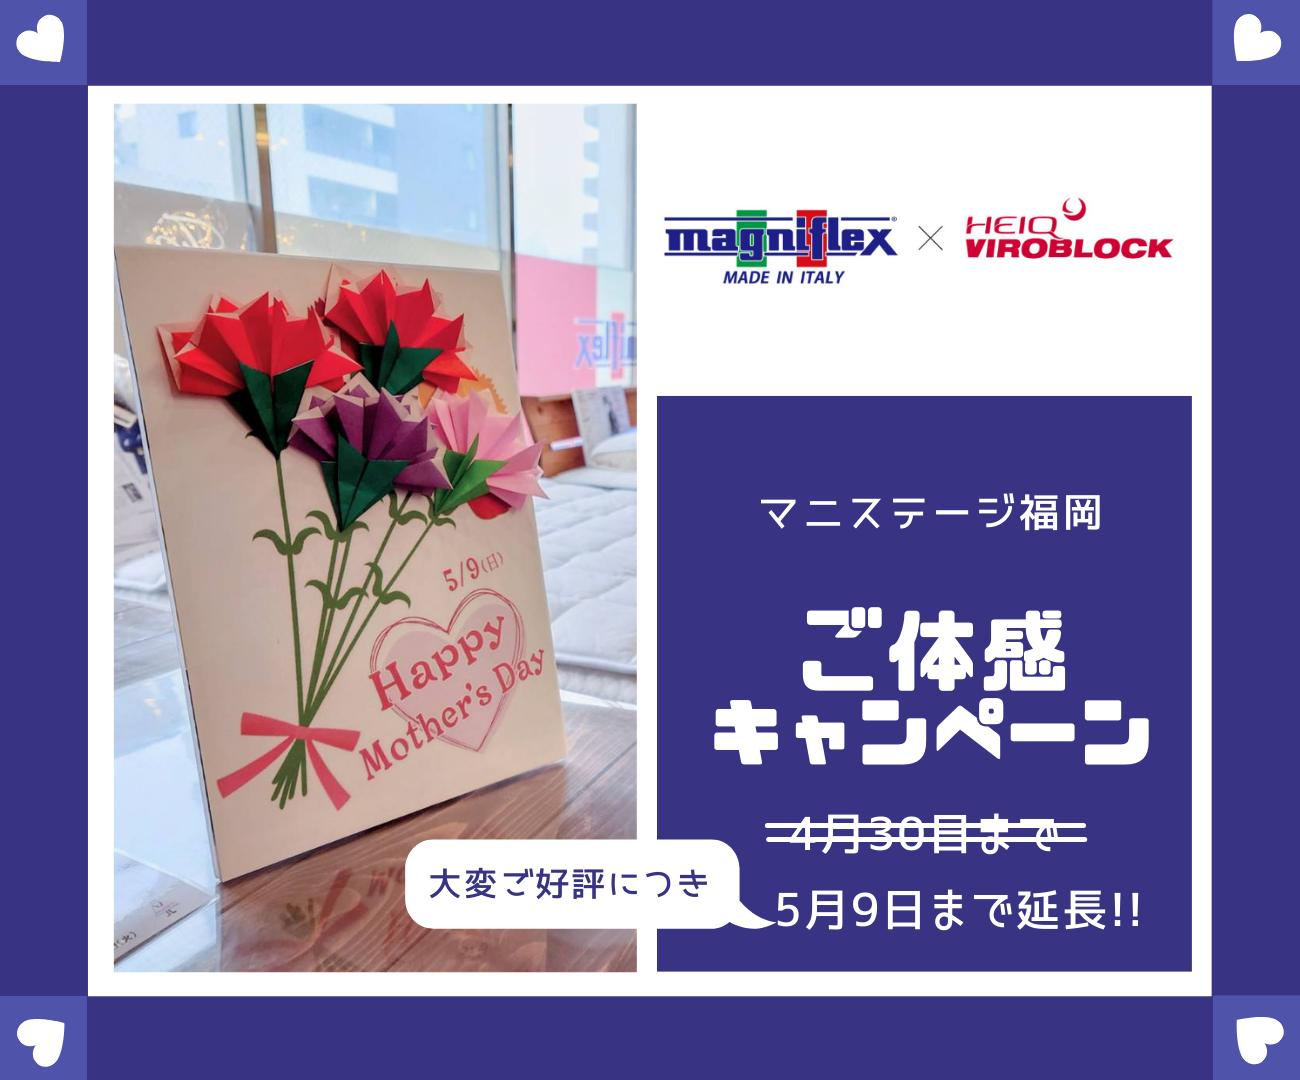 母の日までキャンペーン延長!